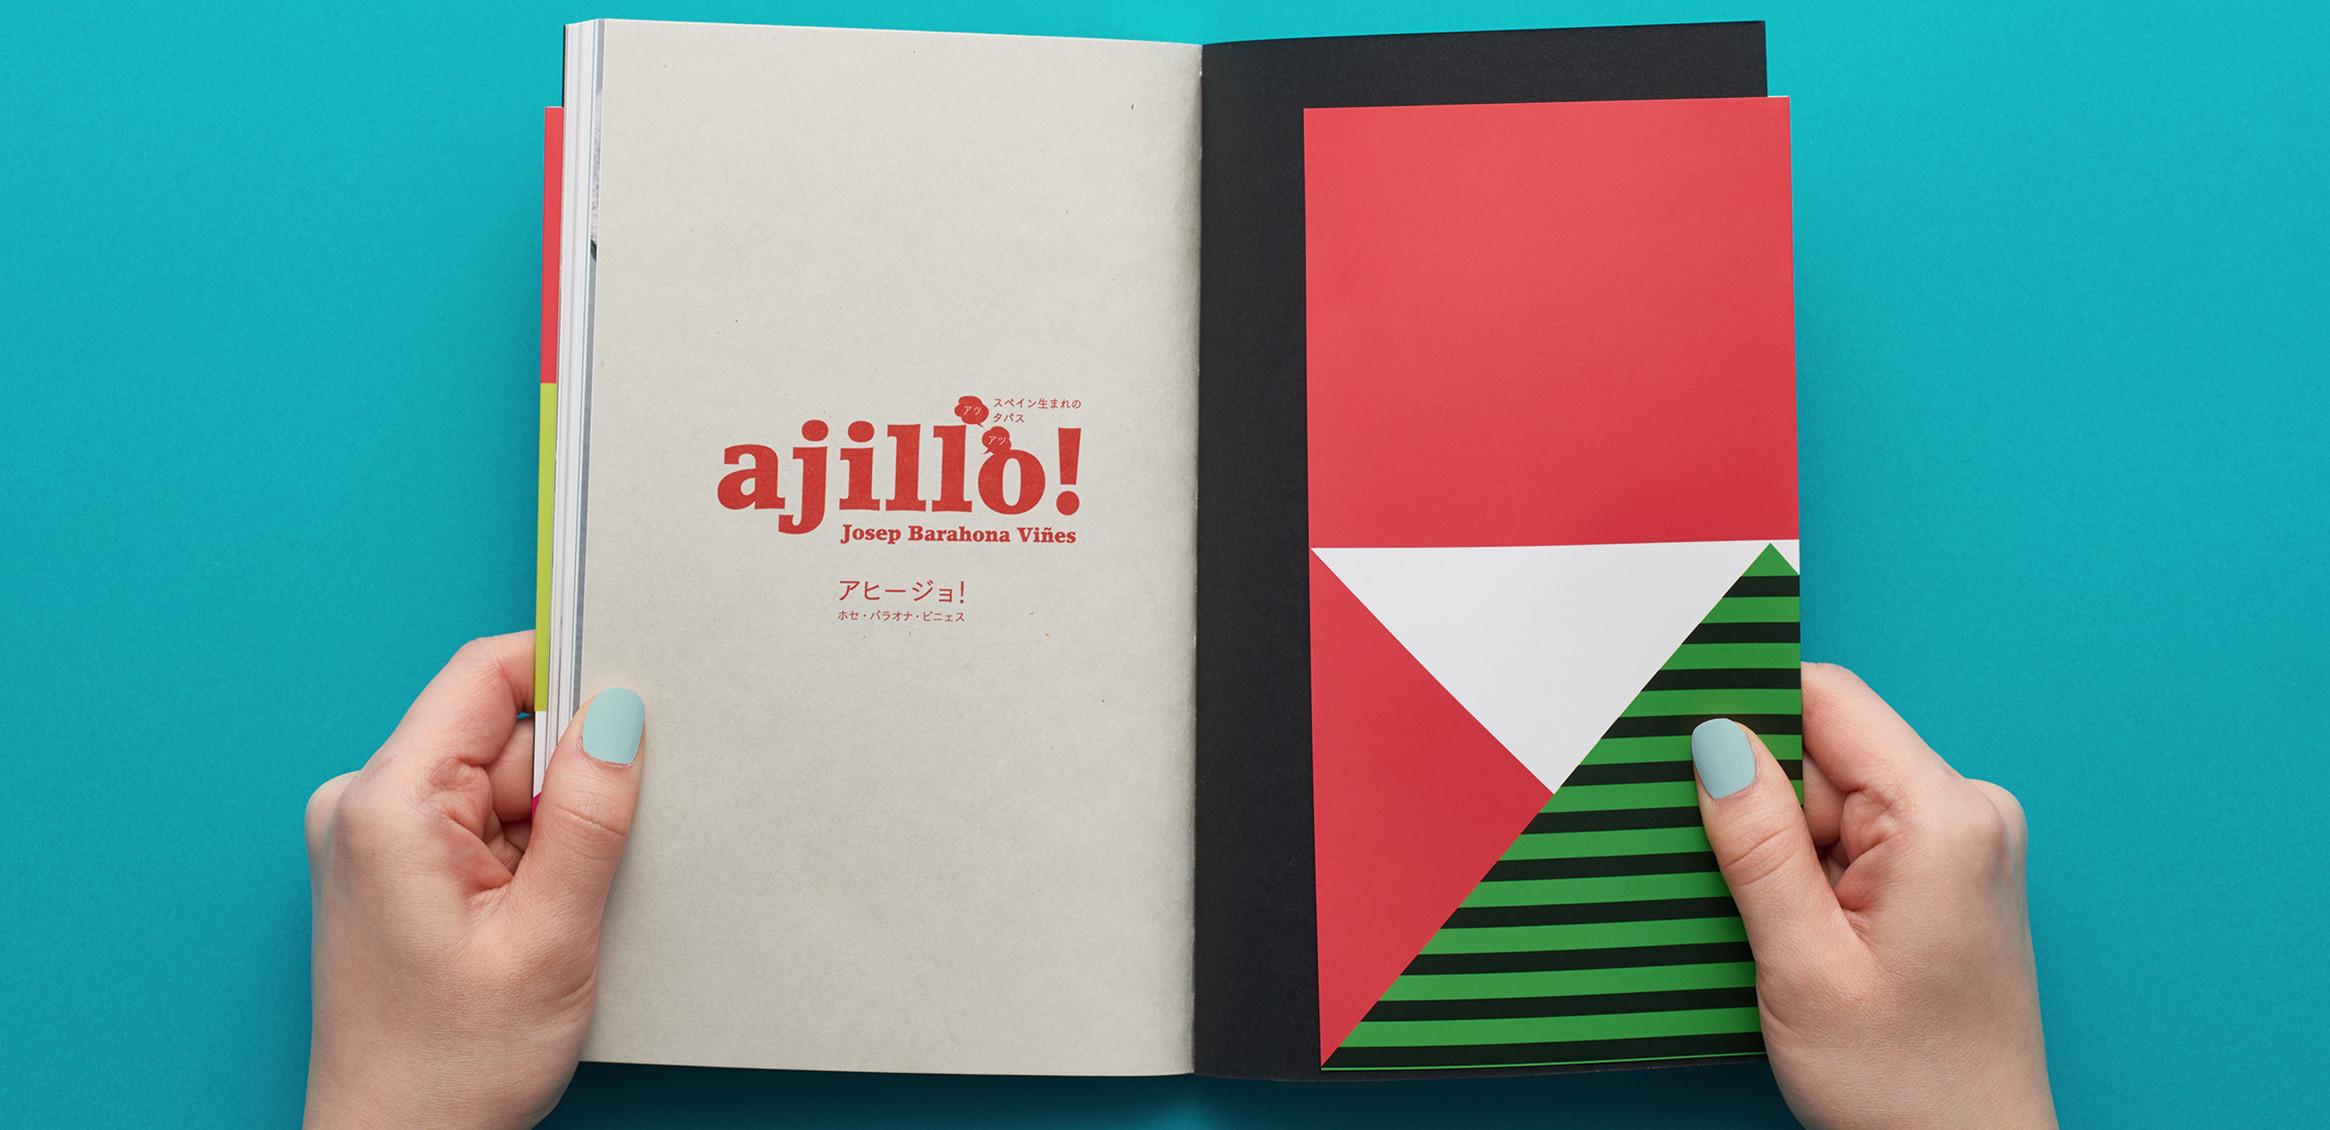 ajillo! -アヒージョ! - スペイン生まれのアツアツ・タパス2枚目